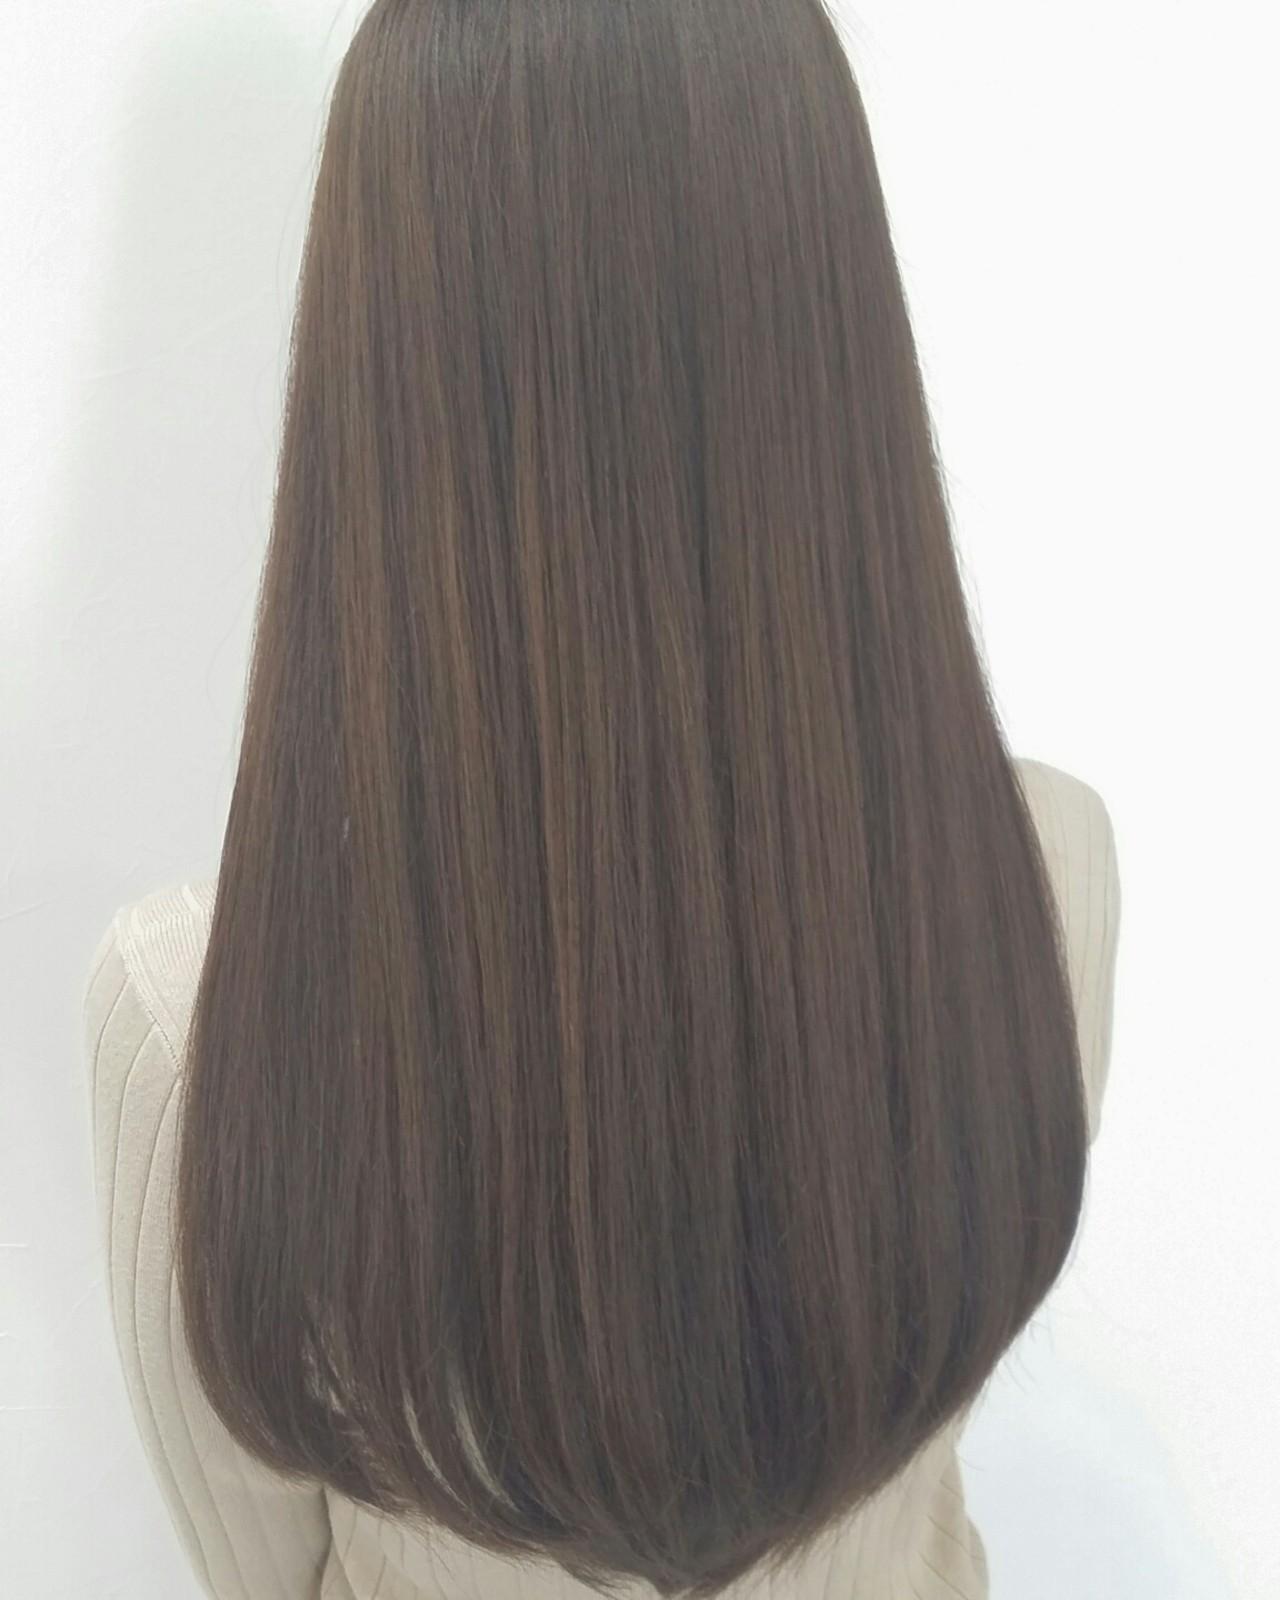 外国人風 アッシュ ロング イルミナカラー ヘアスタイルや髪型の写真・画像 | 山原 裕介 / moooooi HAIR SPACE